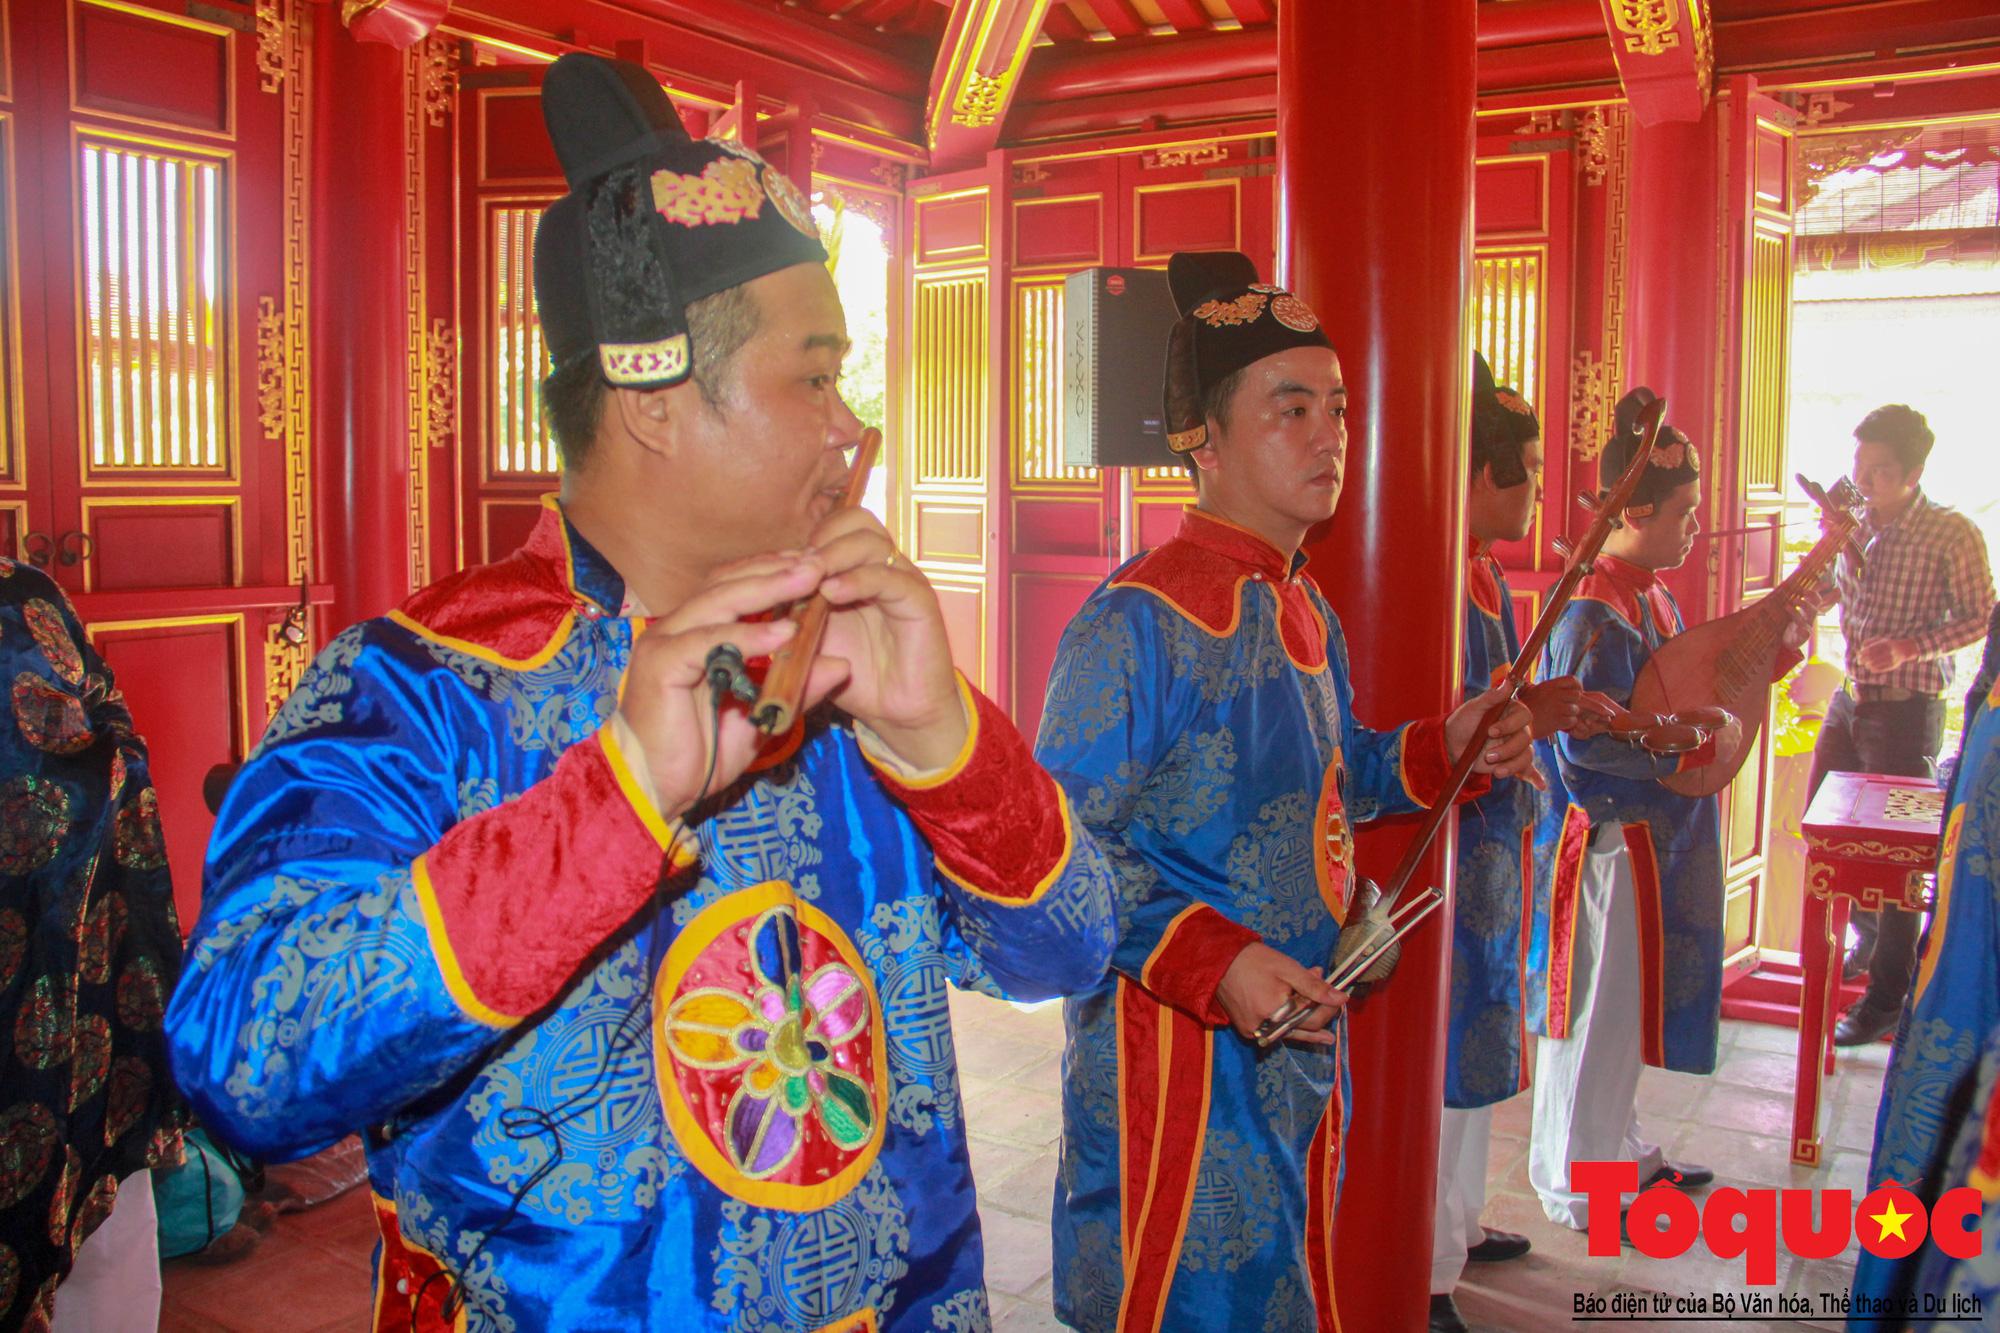 Hàng trăm tà áo dài diễu hành trên phố tri ân chúa Nguyễn Phúc Khoát - Ảnh 11.